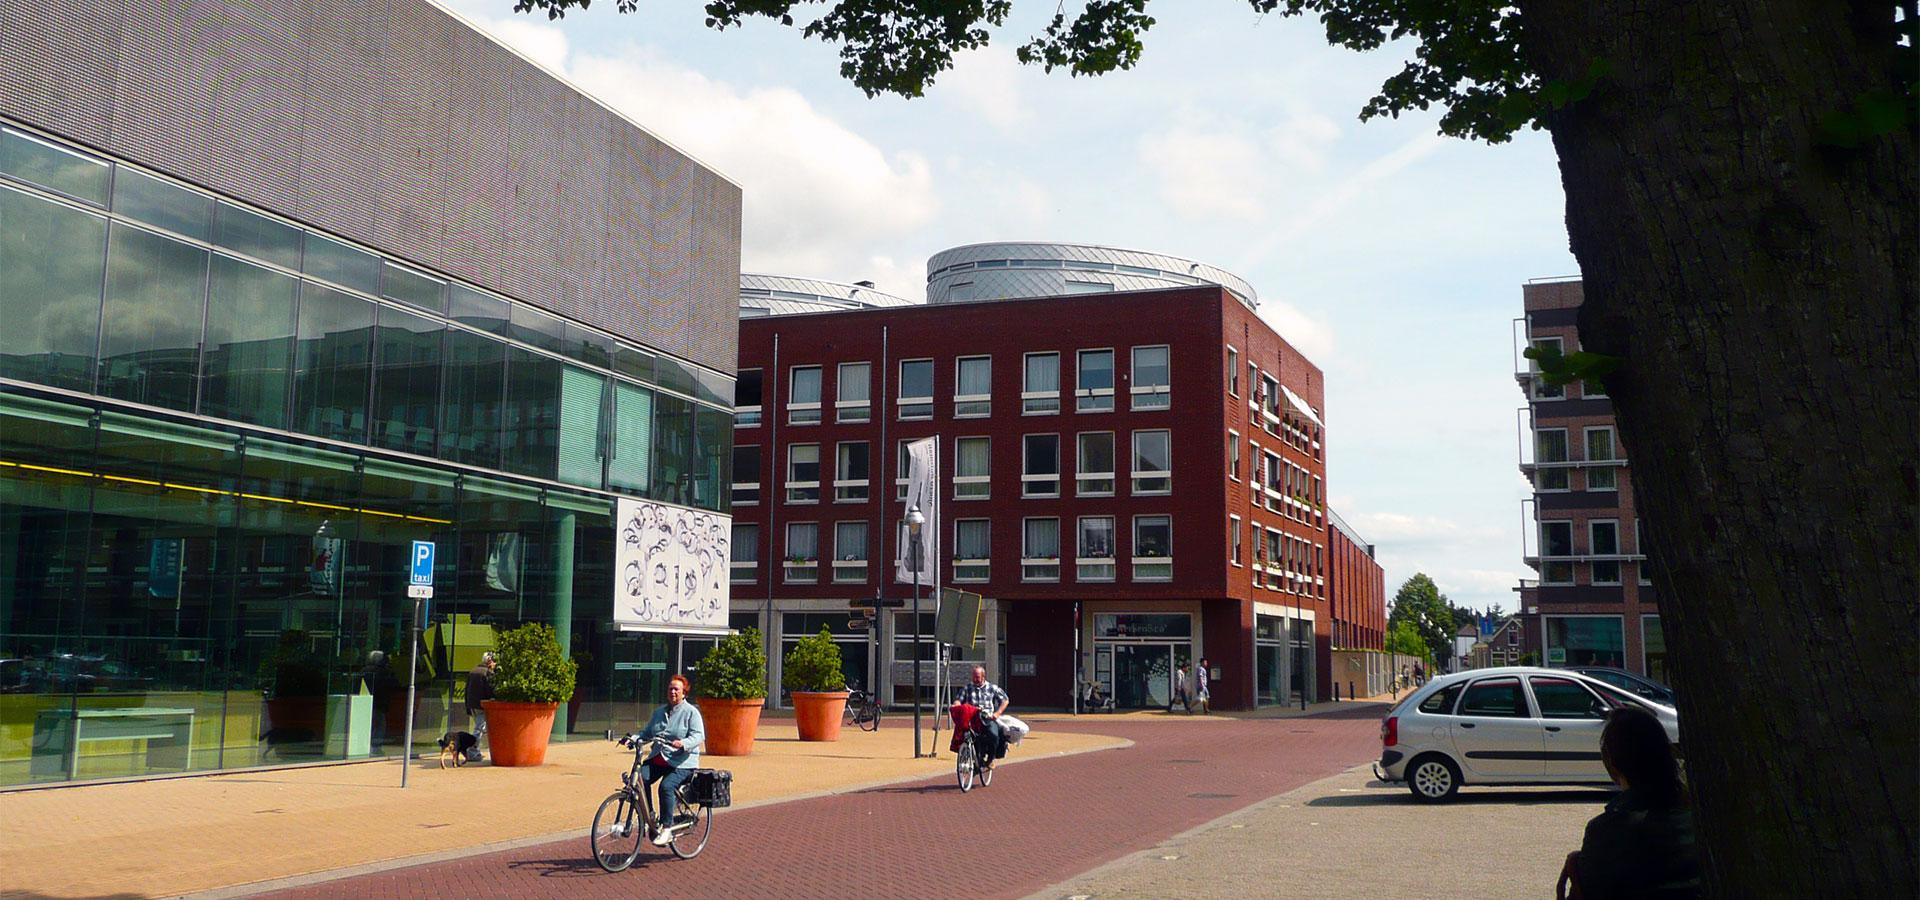 FARO architecten Beekpark Apeldoorn 02